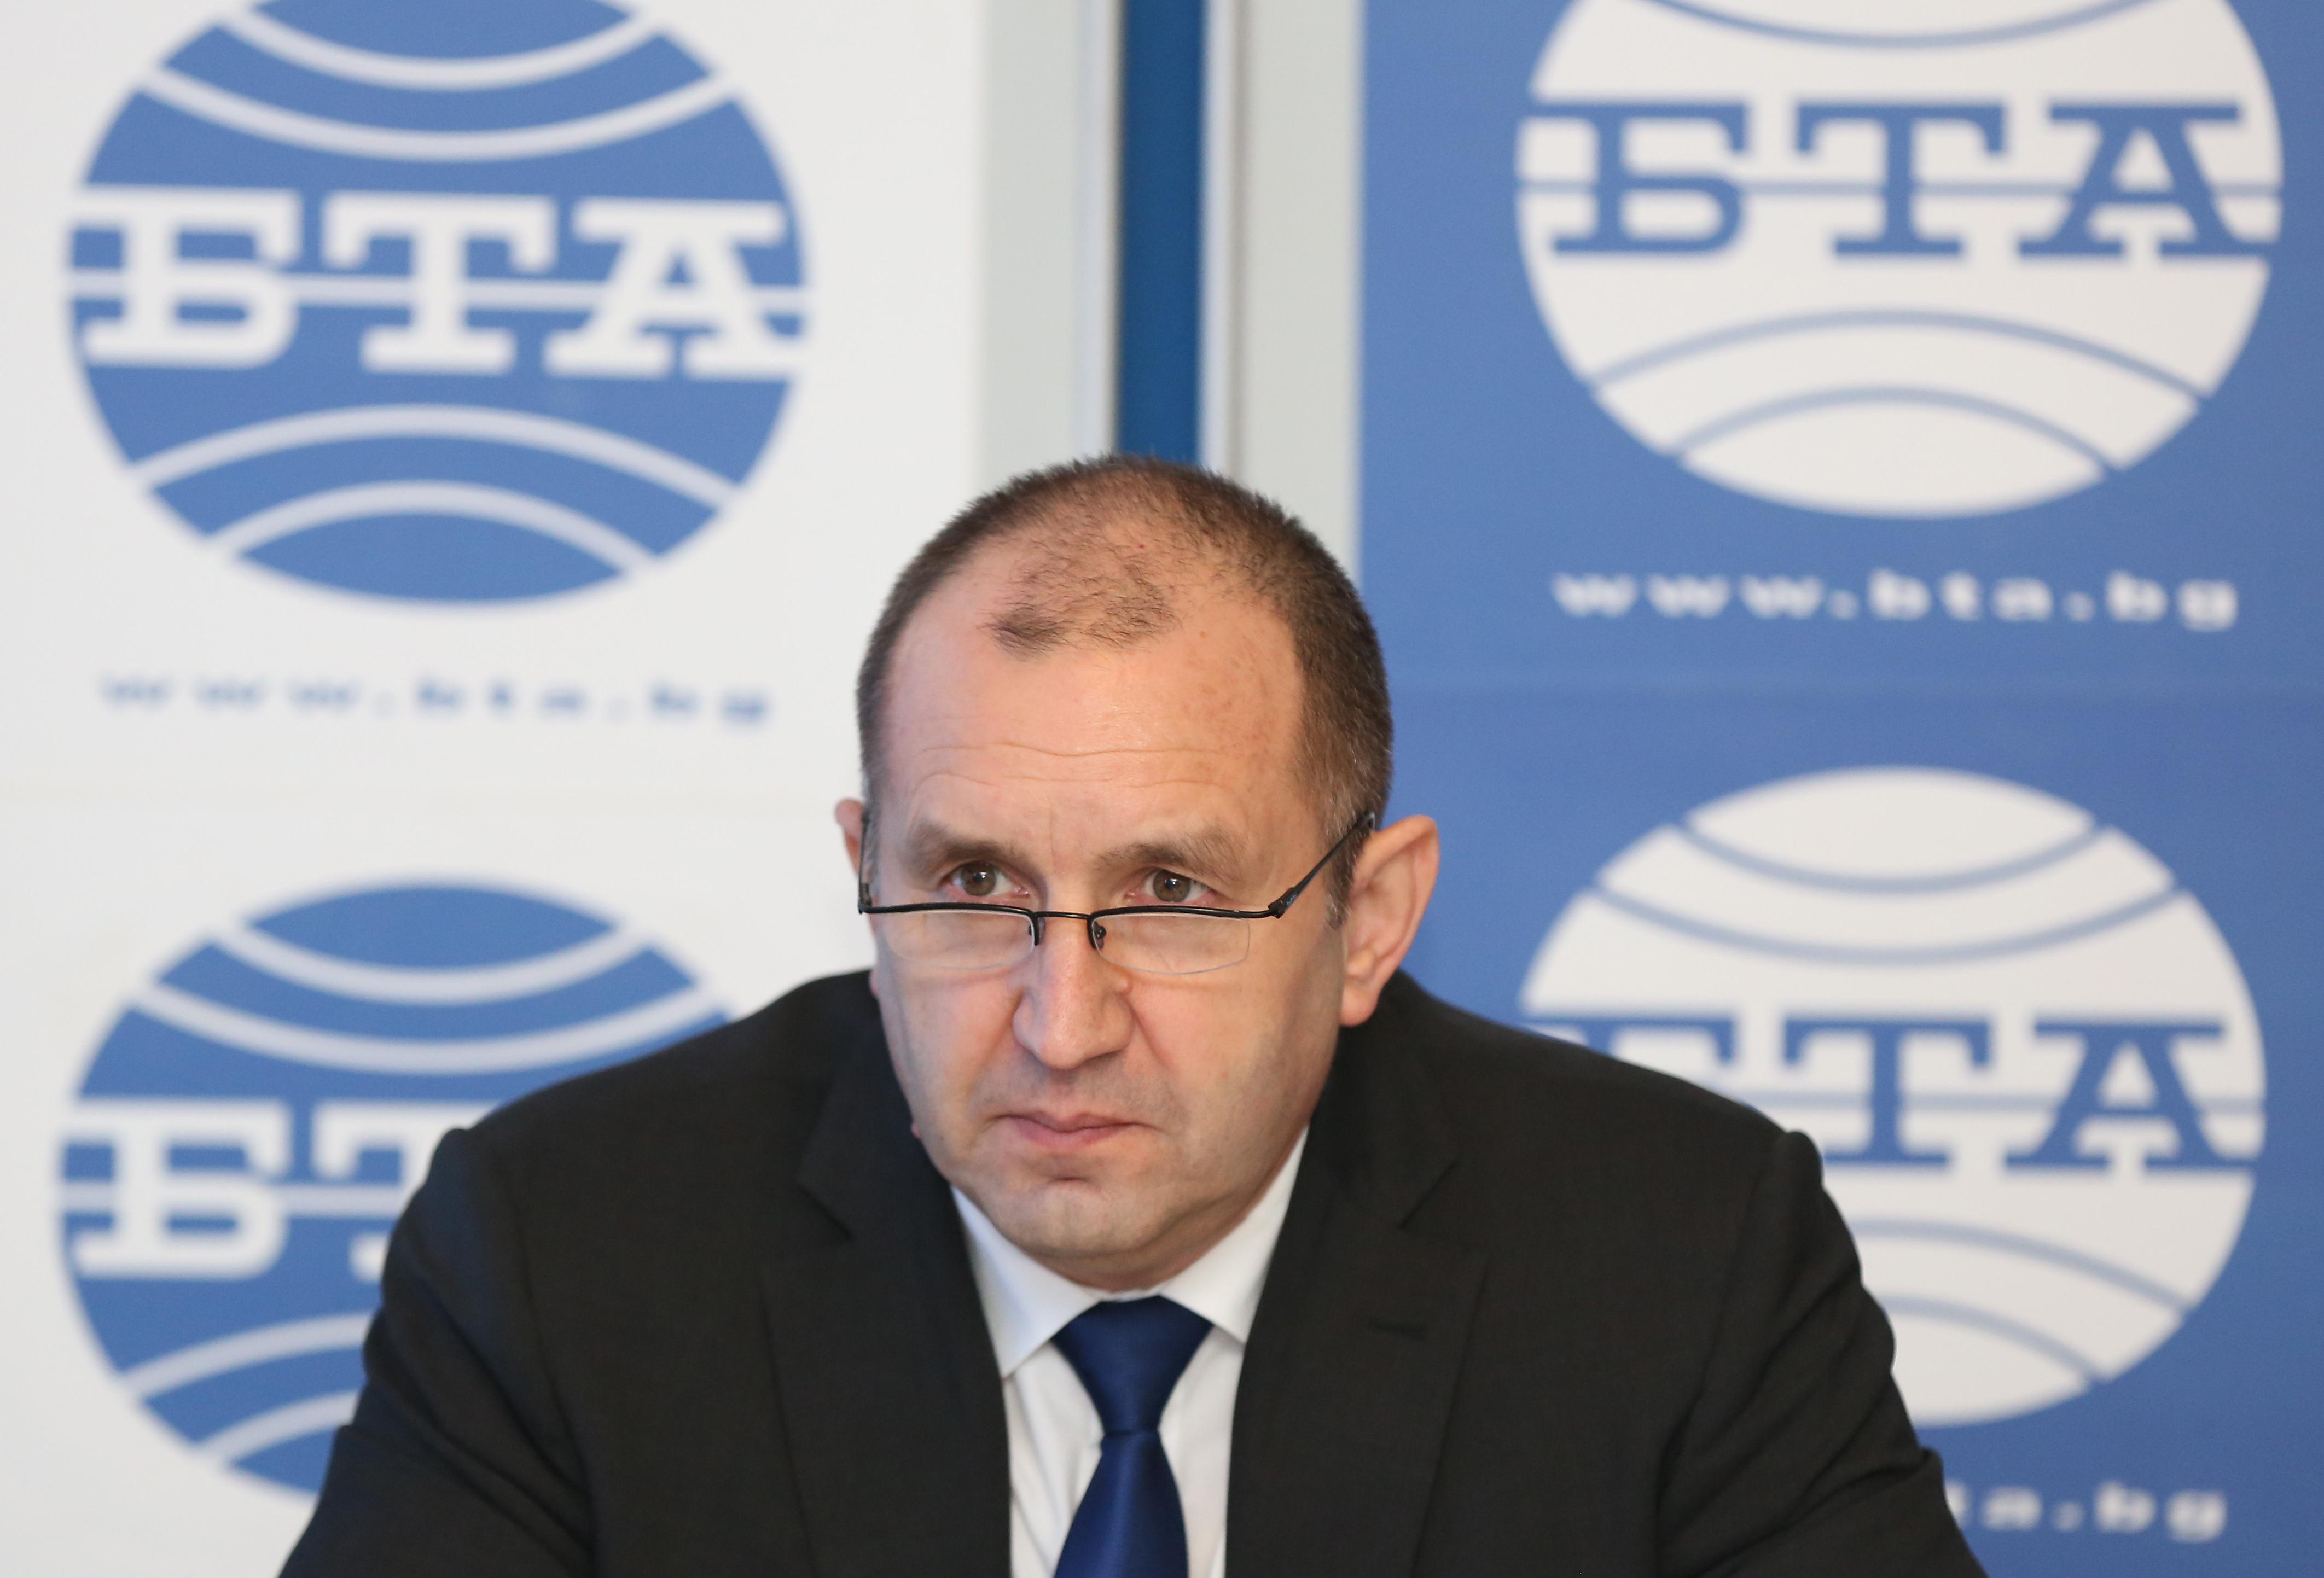 Румен Радев сезира КС за Закона за радио и телевизия